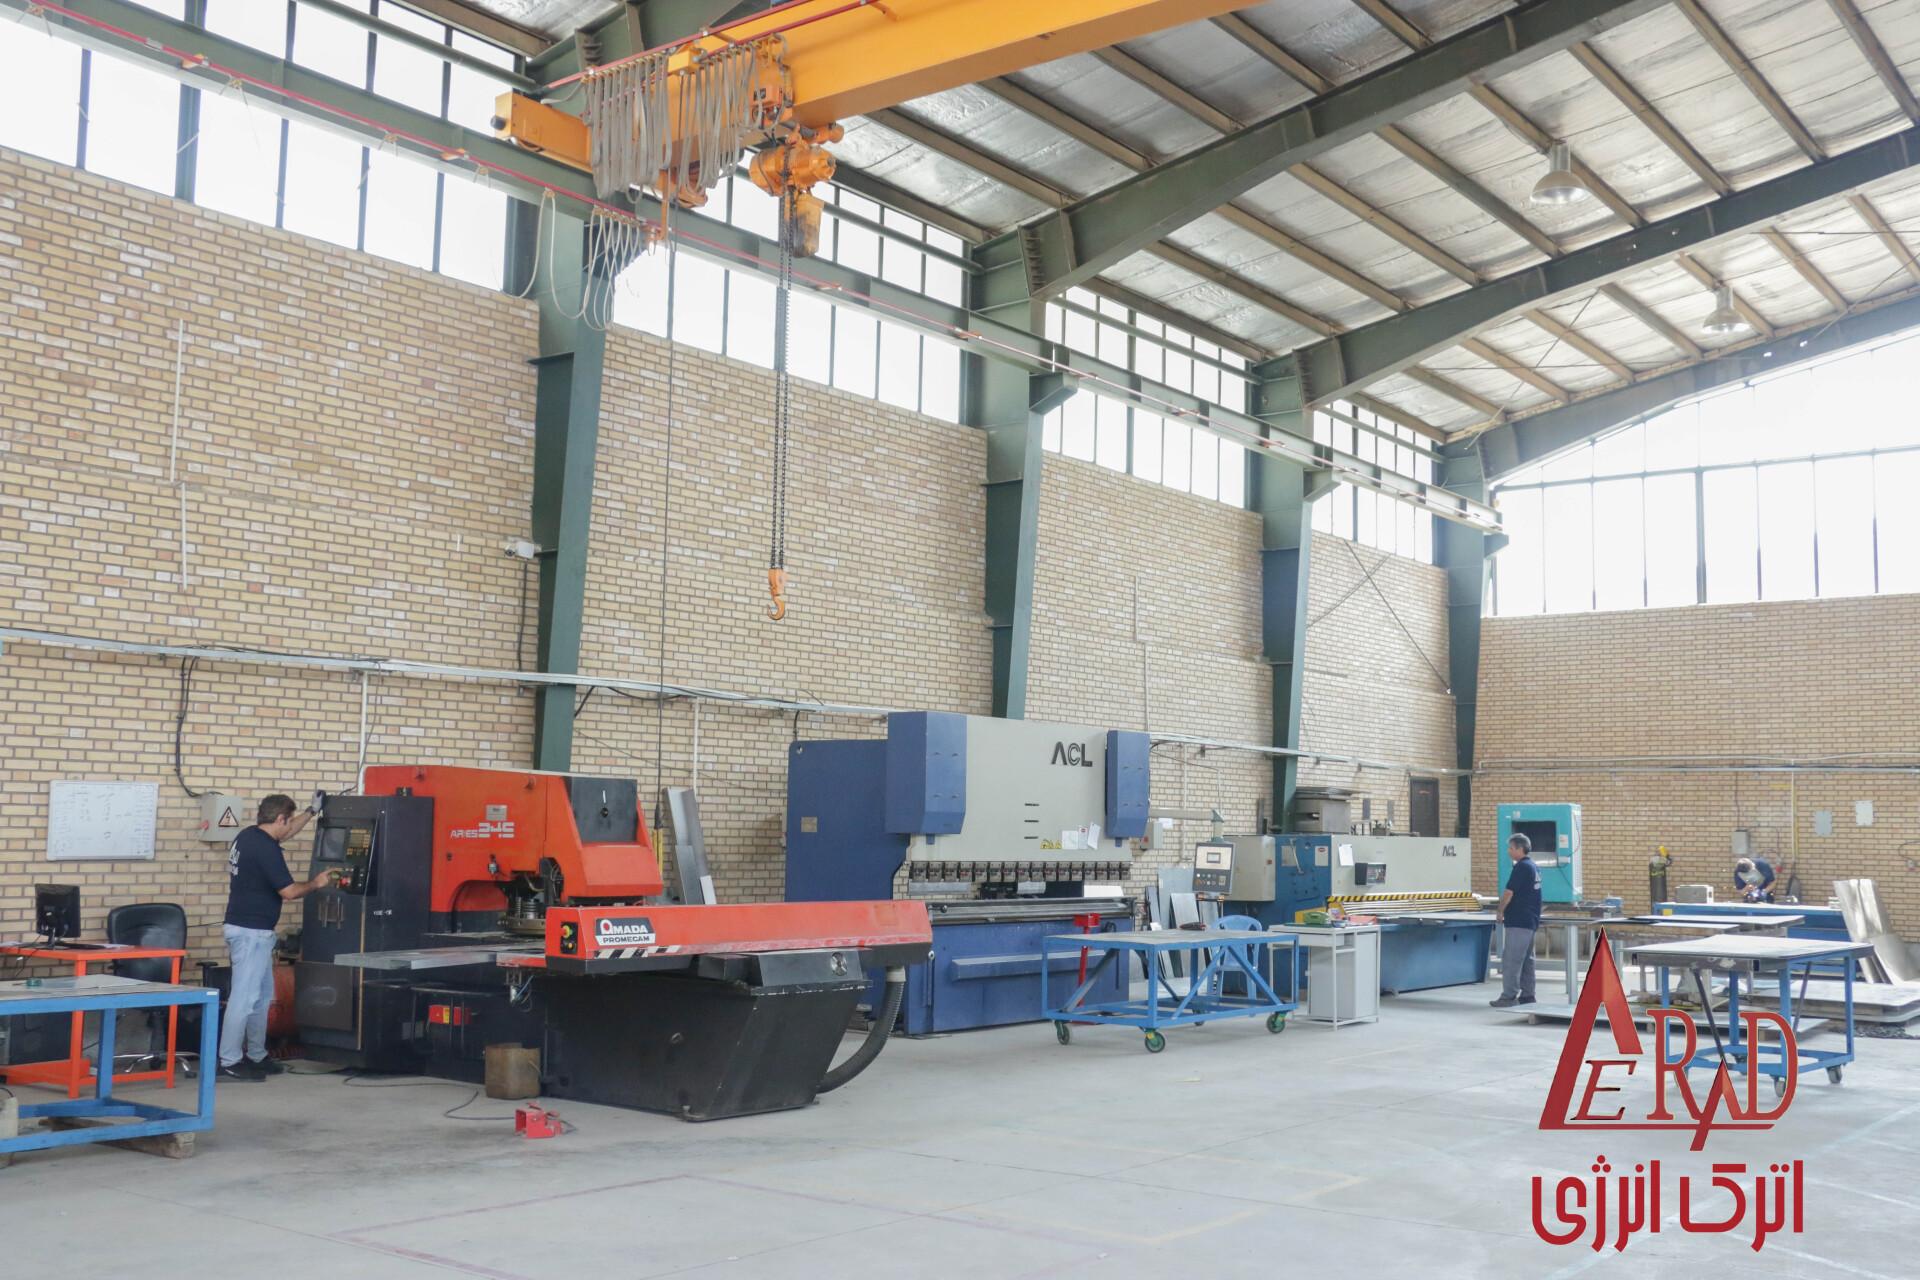 سالن تولید و فلز کاری شرکت اترک انرژی